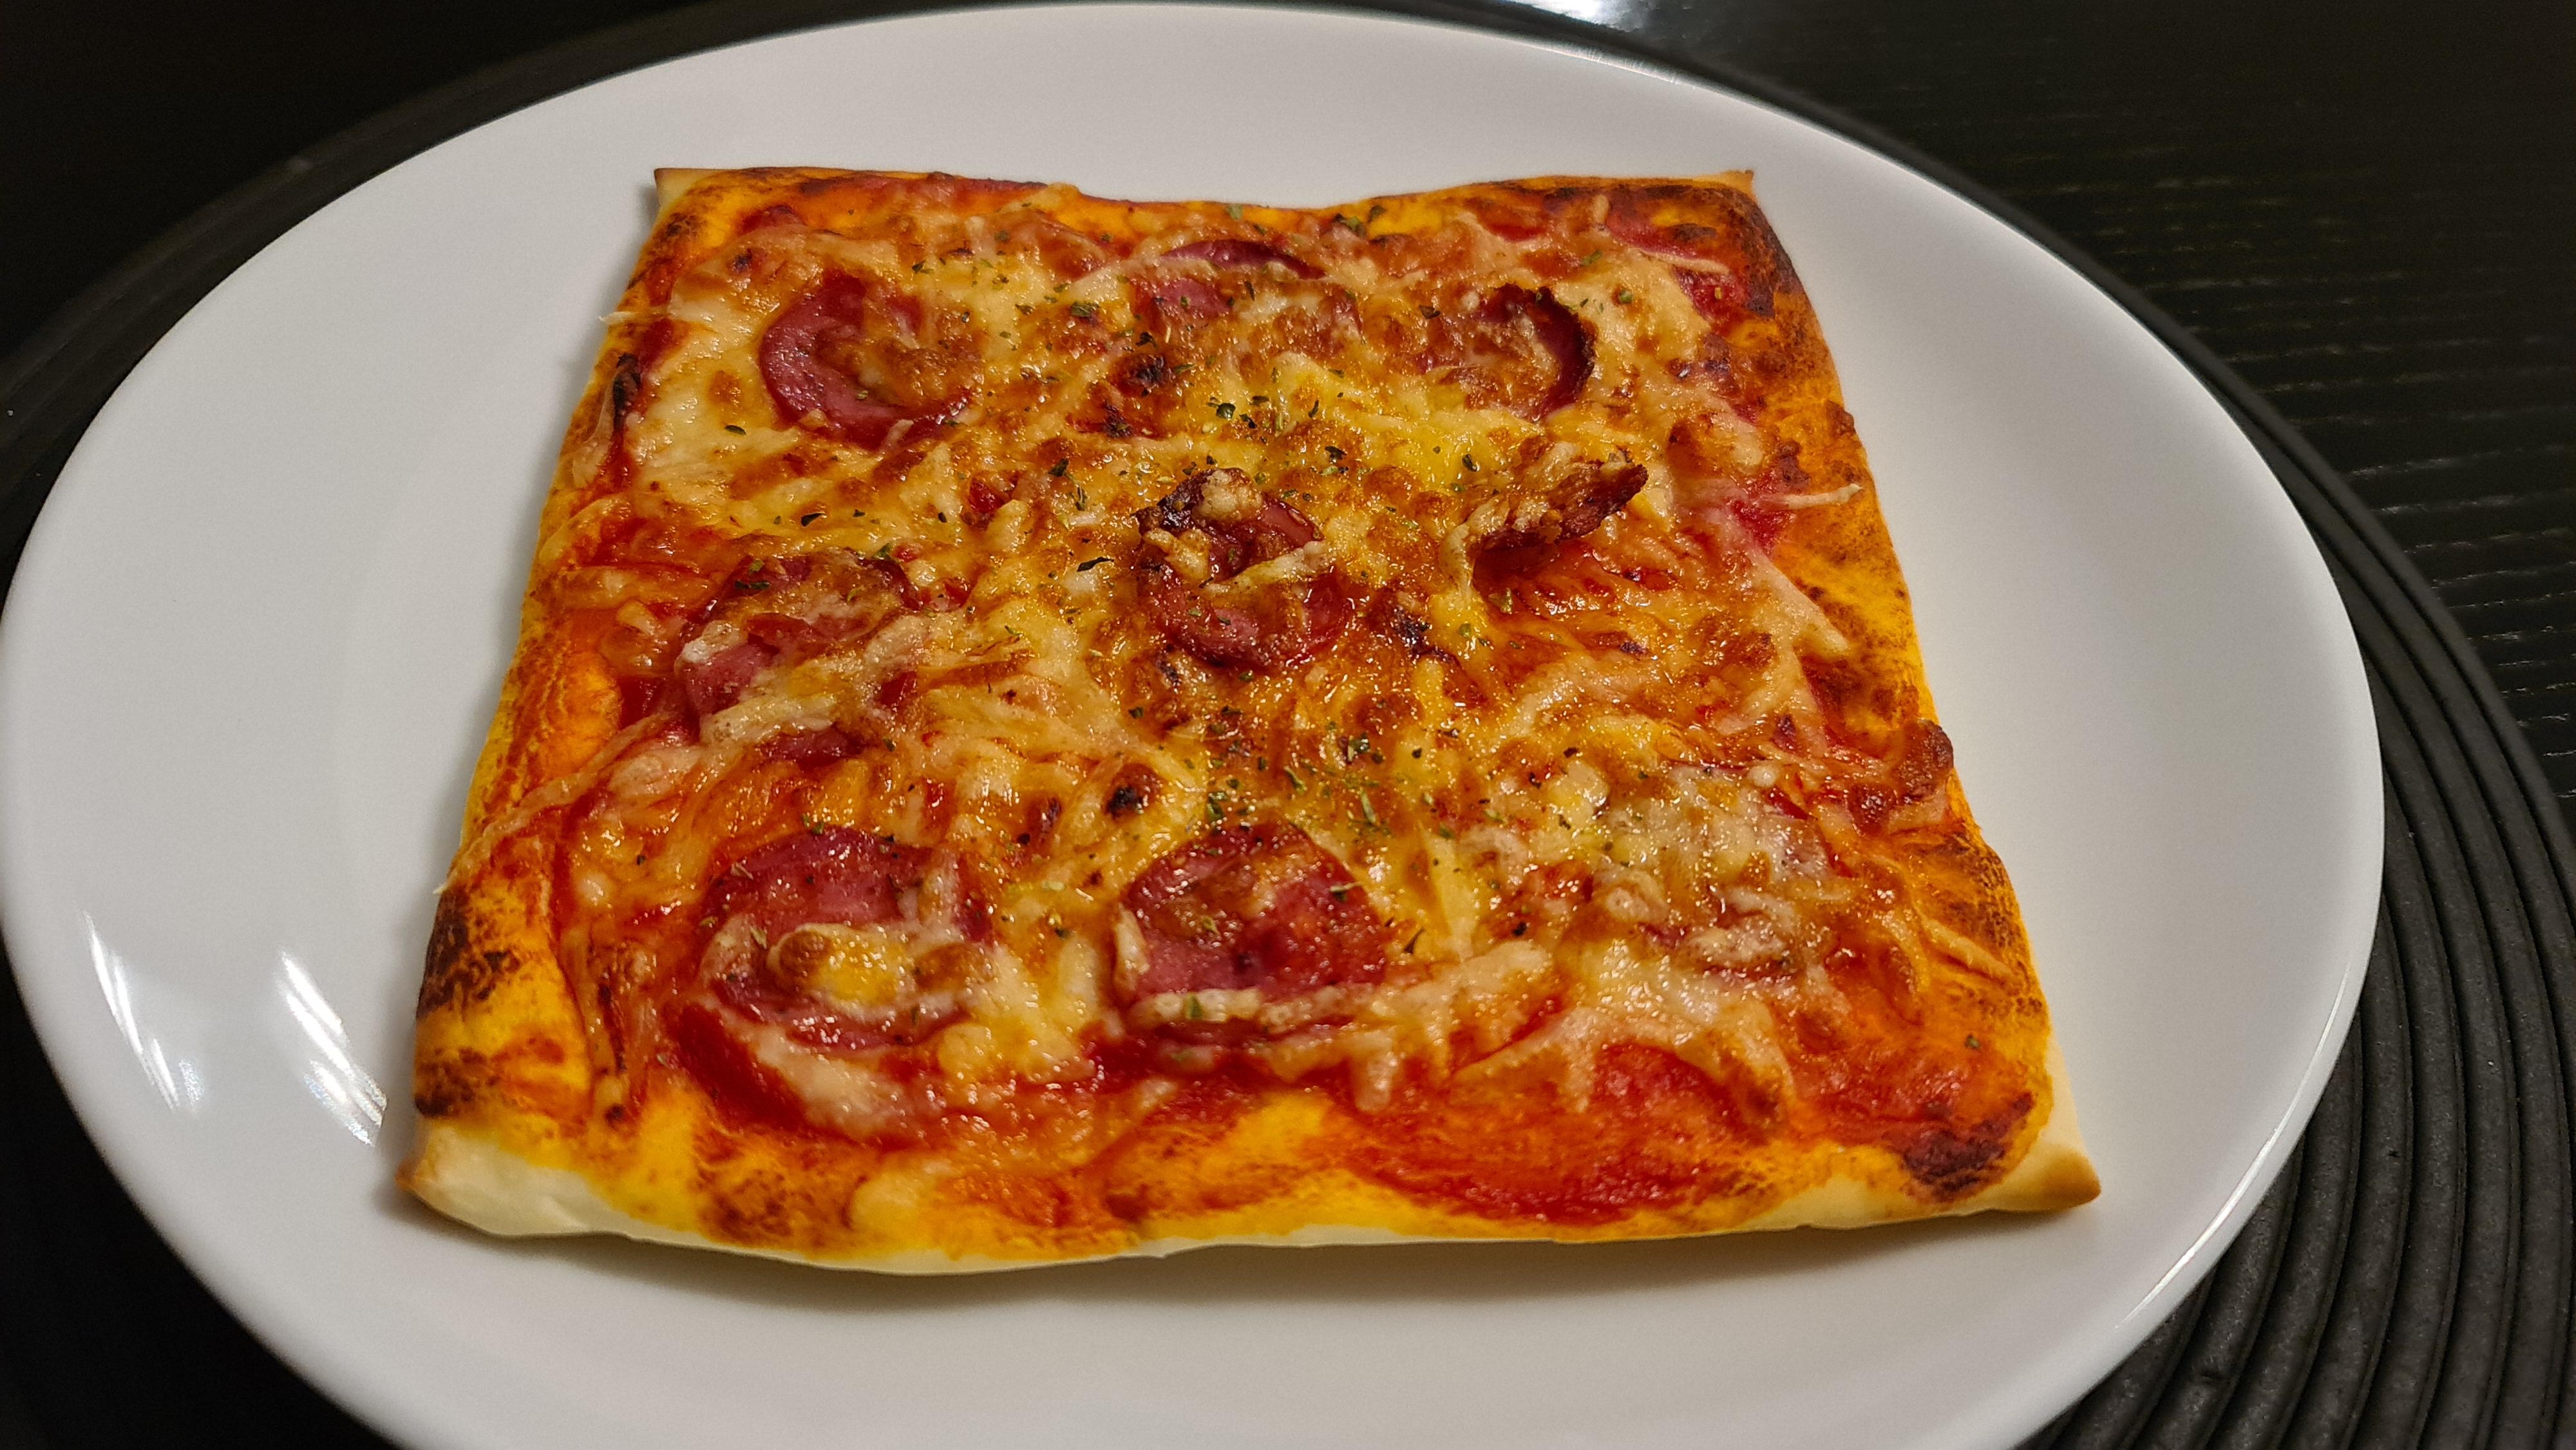 https://foodloader.net/Holz_2021-01-03_Selbstgemachte_Pizza_1.jpg